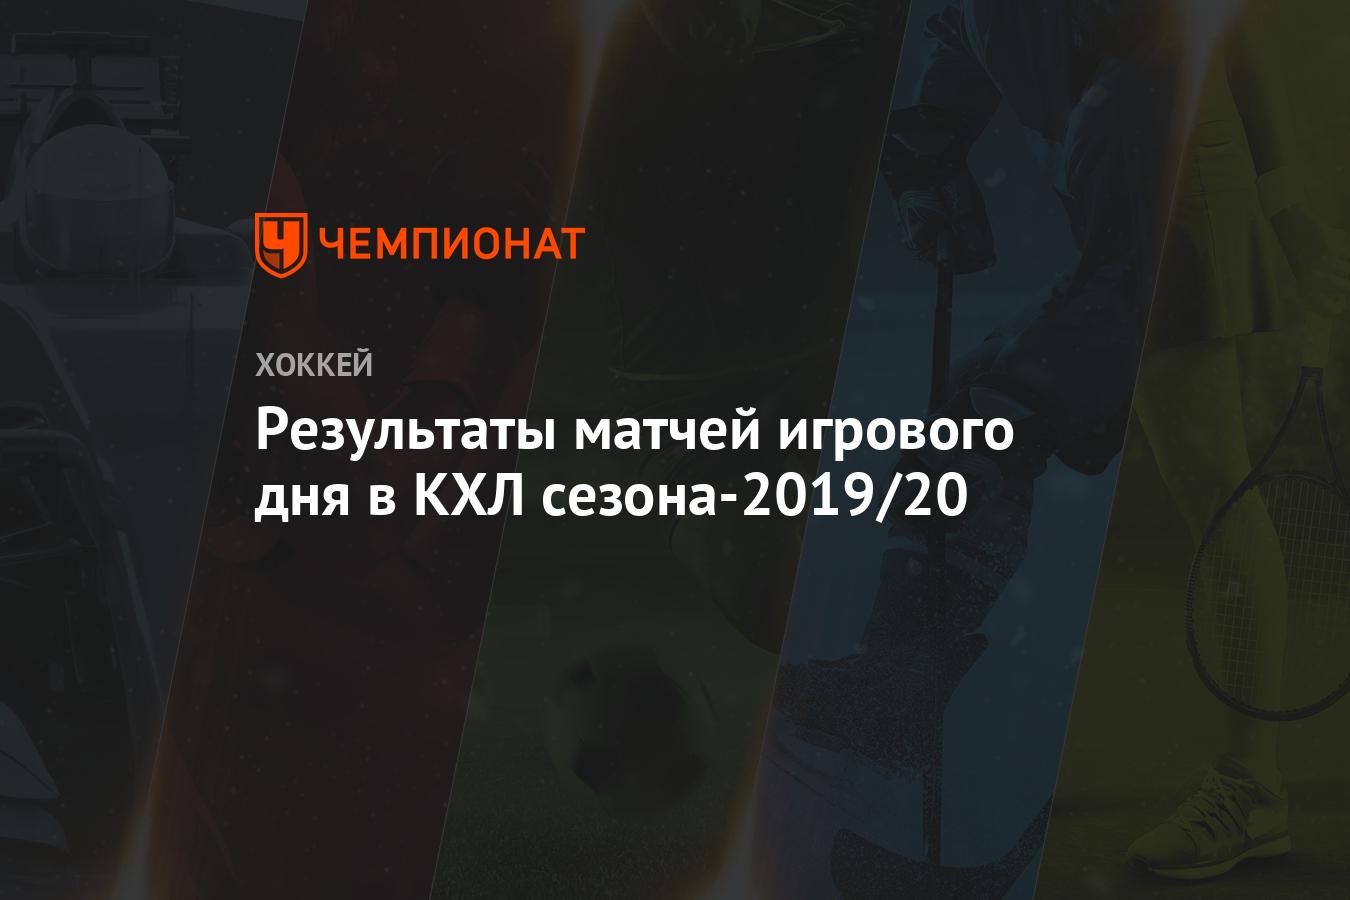 Кхл сезон 2019 2020 результаты игр [PUNIQRANDLINE-(au-dating-names.txt) 54